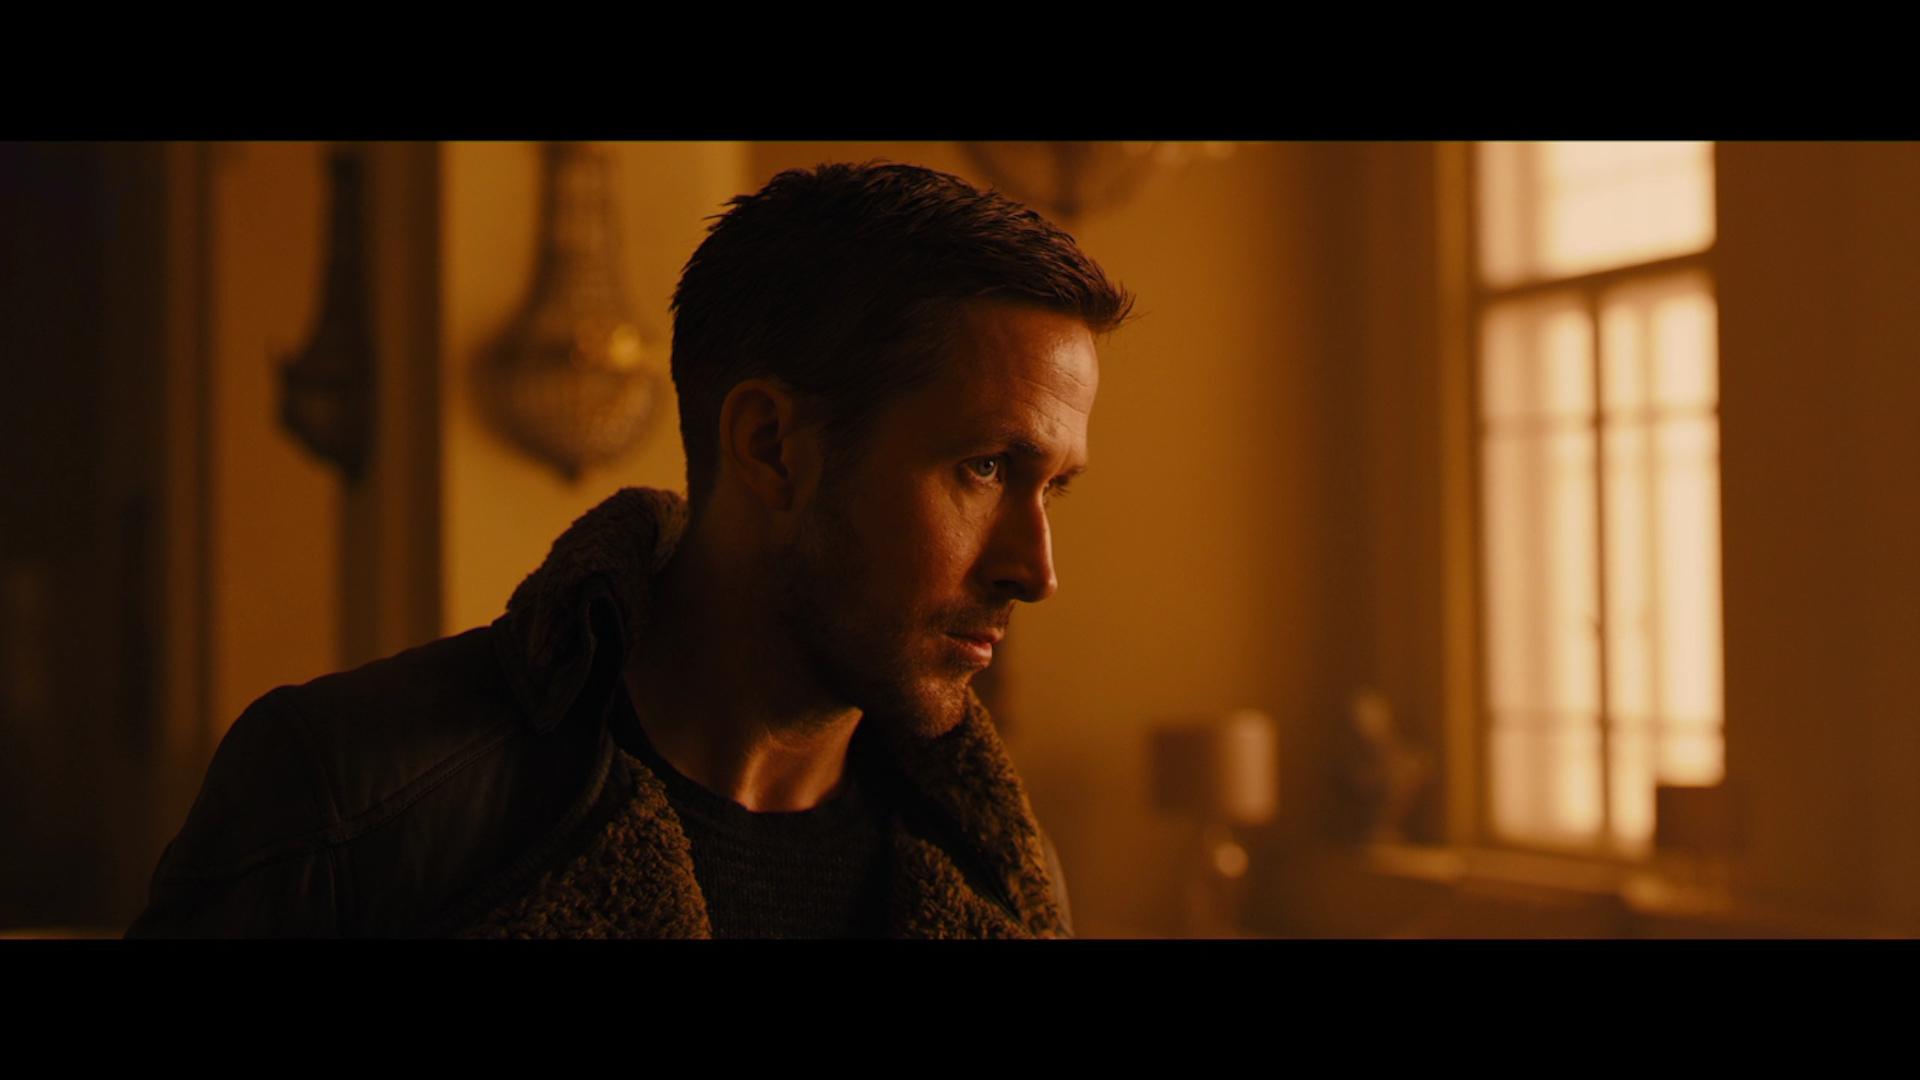 Blade runner 2049 5 things to love from teaser trailer - Ryan name wallpaper ...